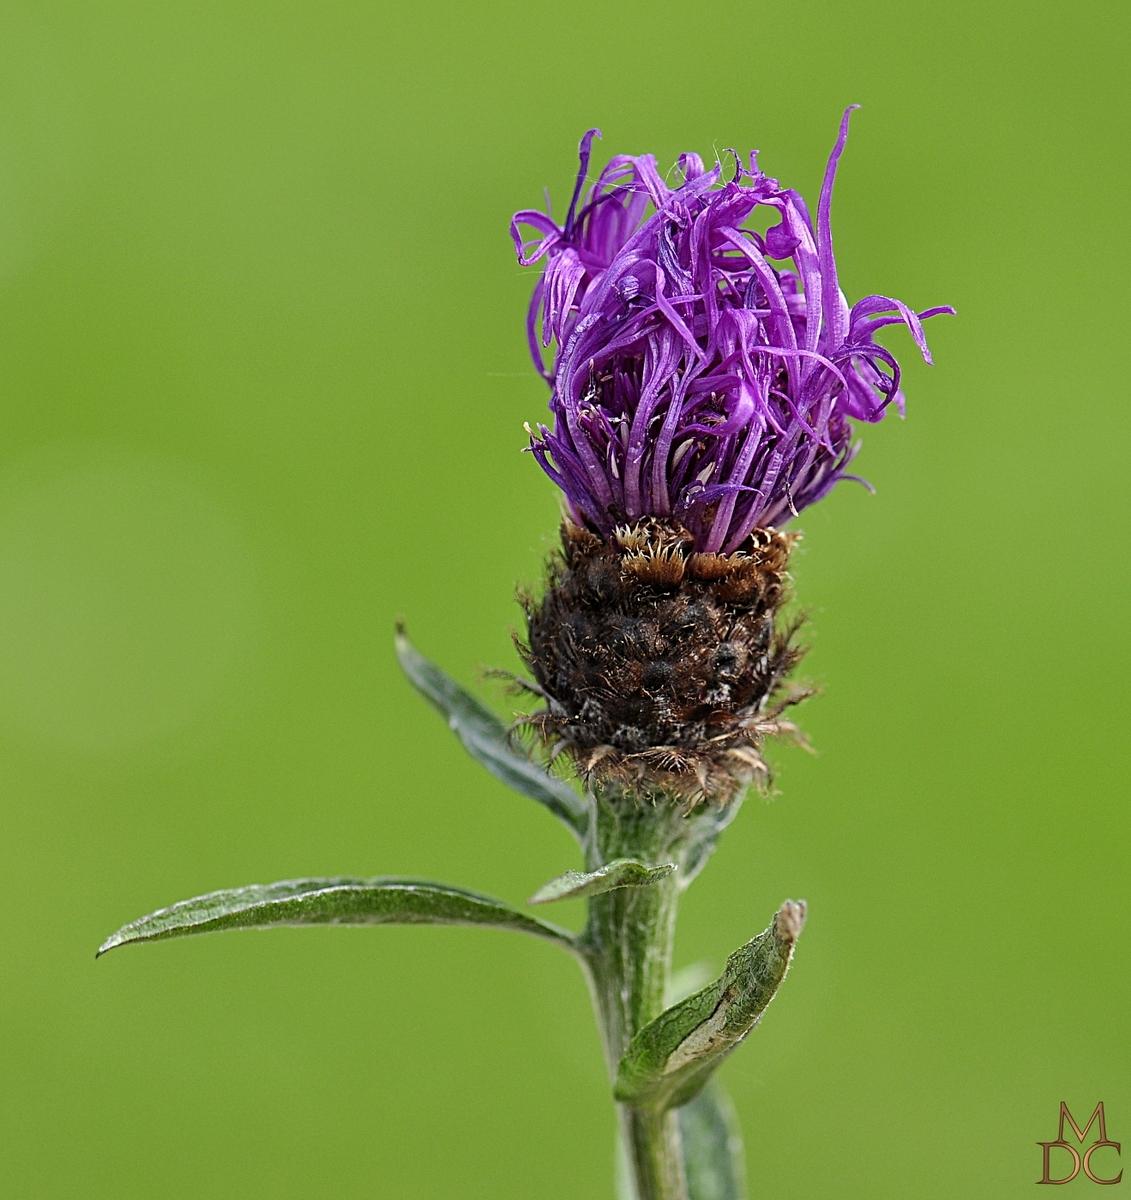 Centaurée des bois, Centaurea decipiens (nemoralis)